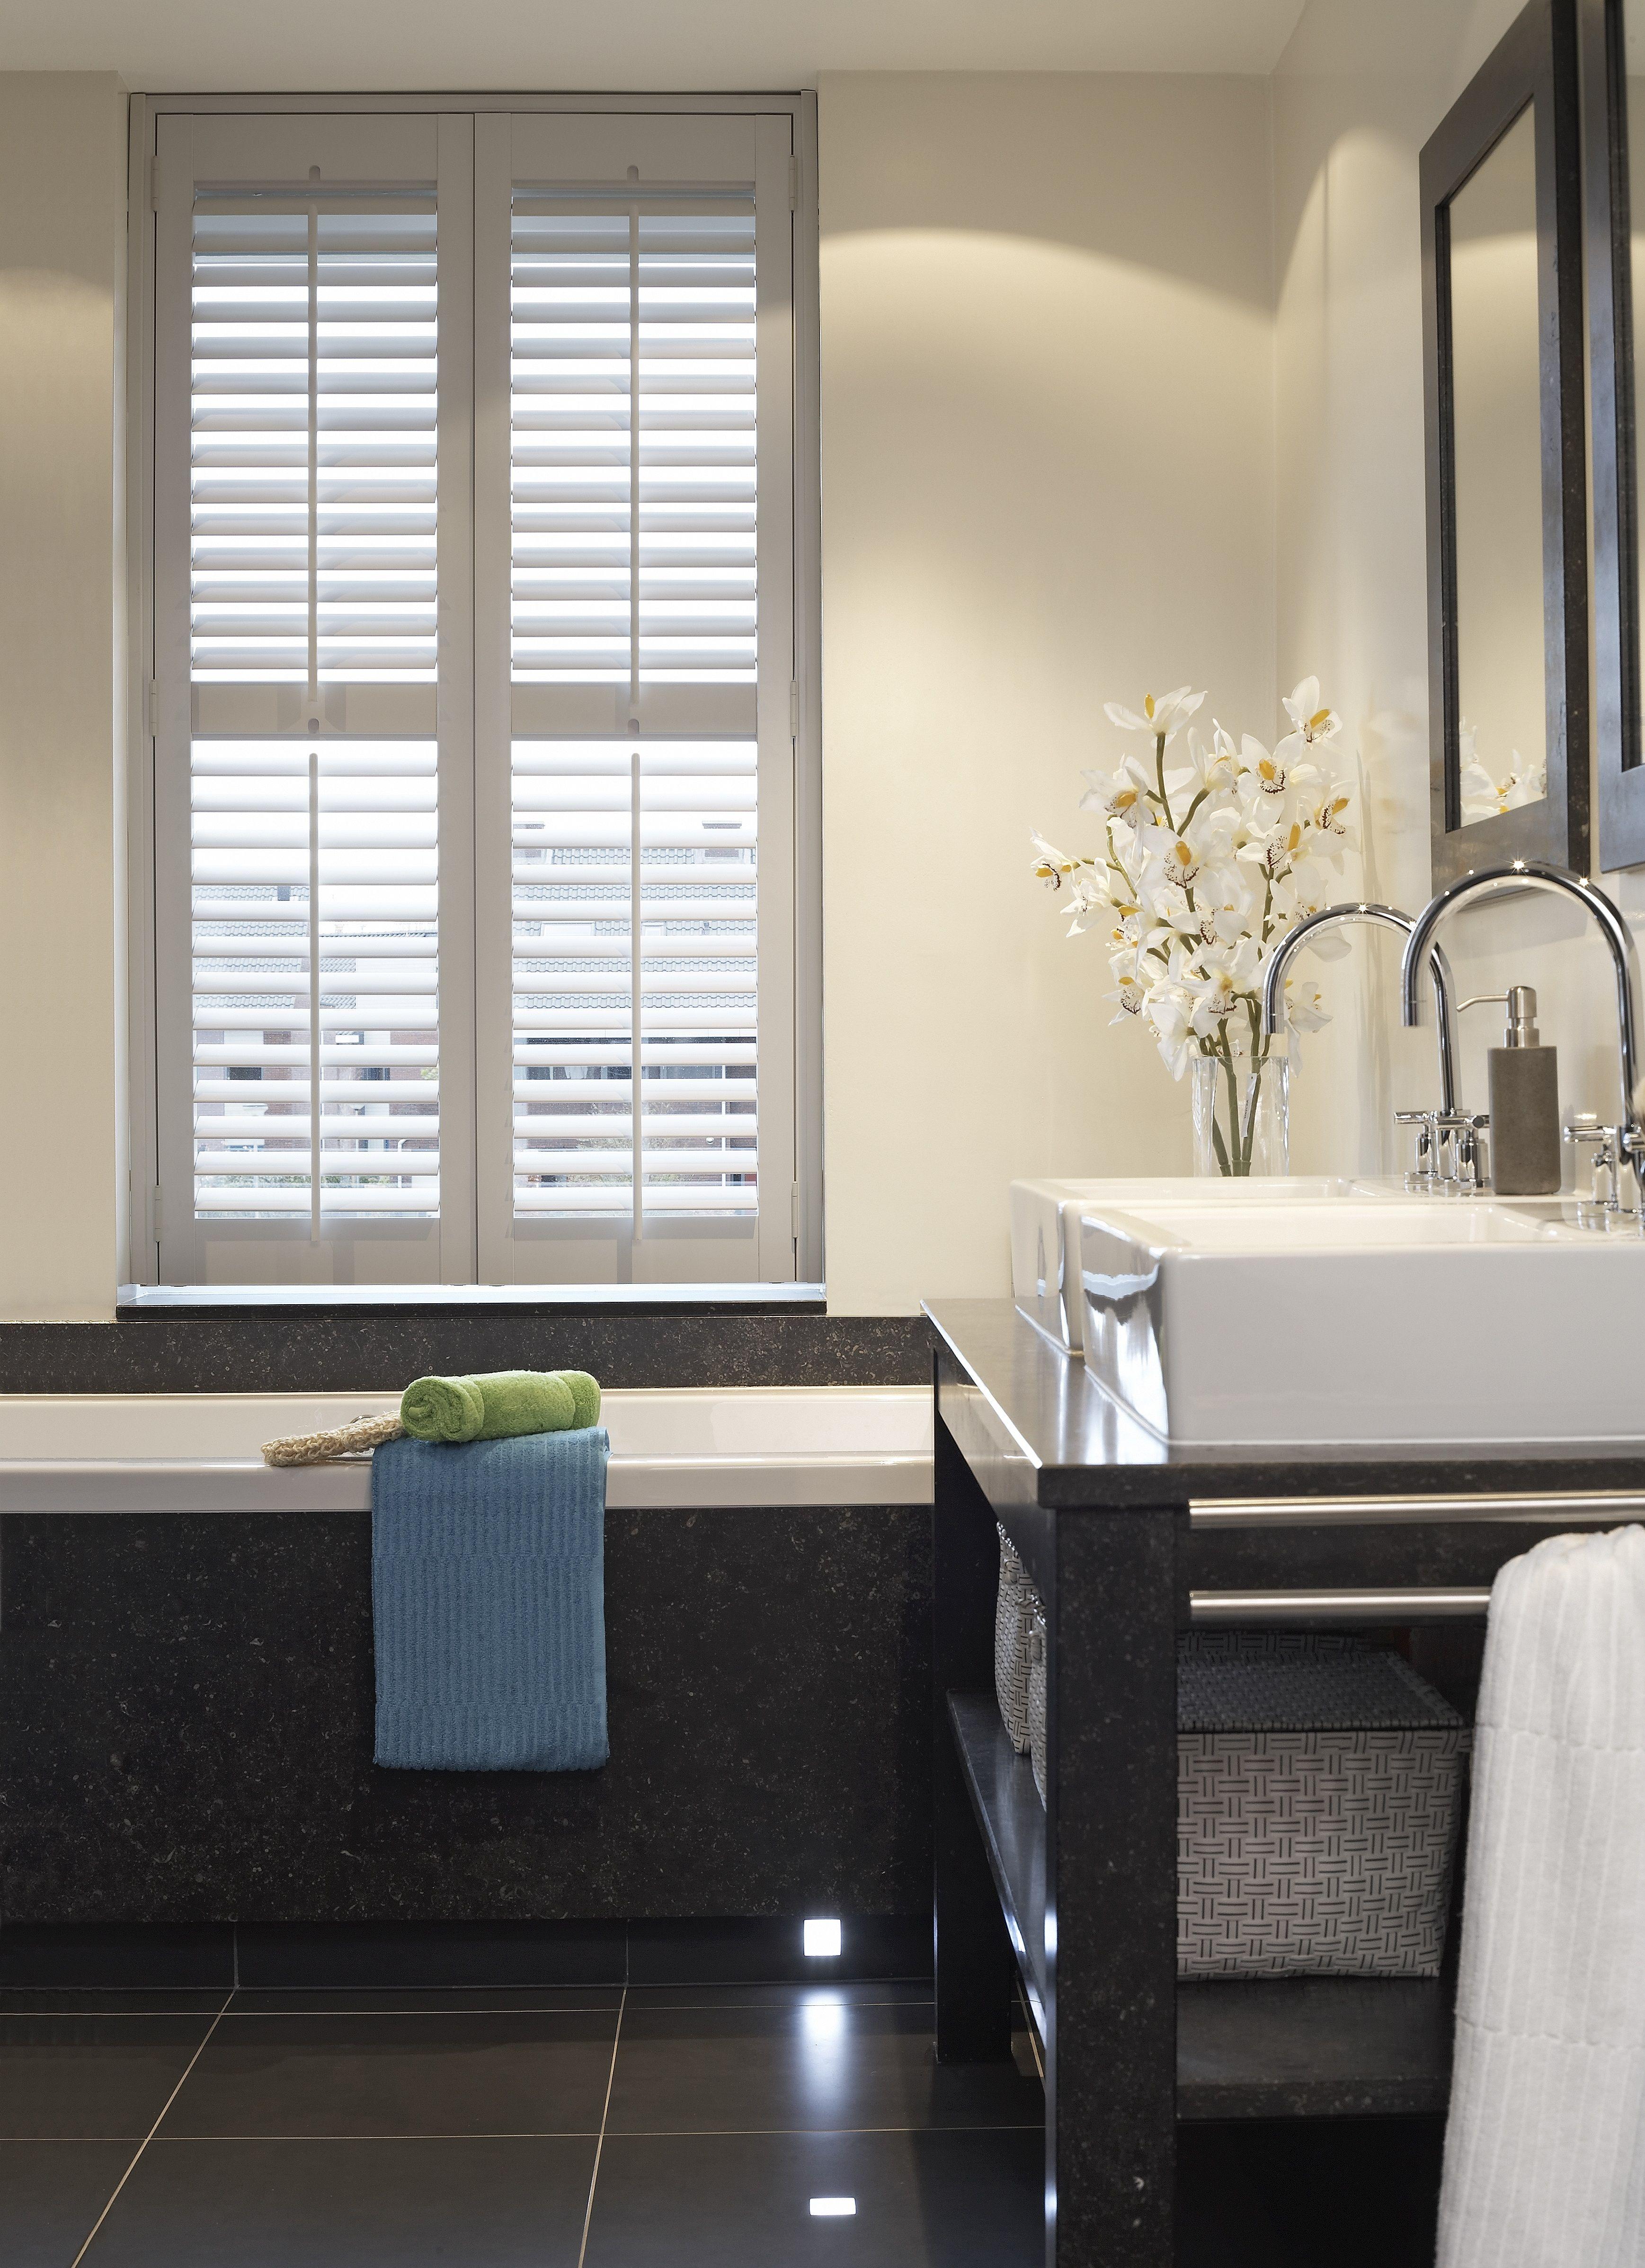 Praxis | Shutters kunnen ook mooi in je badkamer! | Raamdecoratie ...